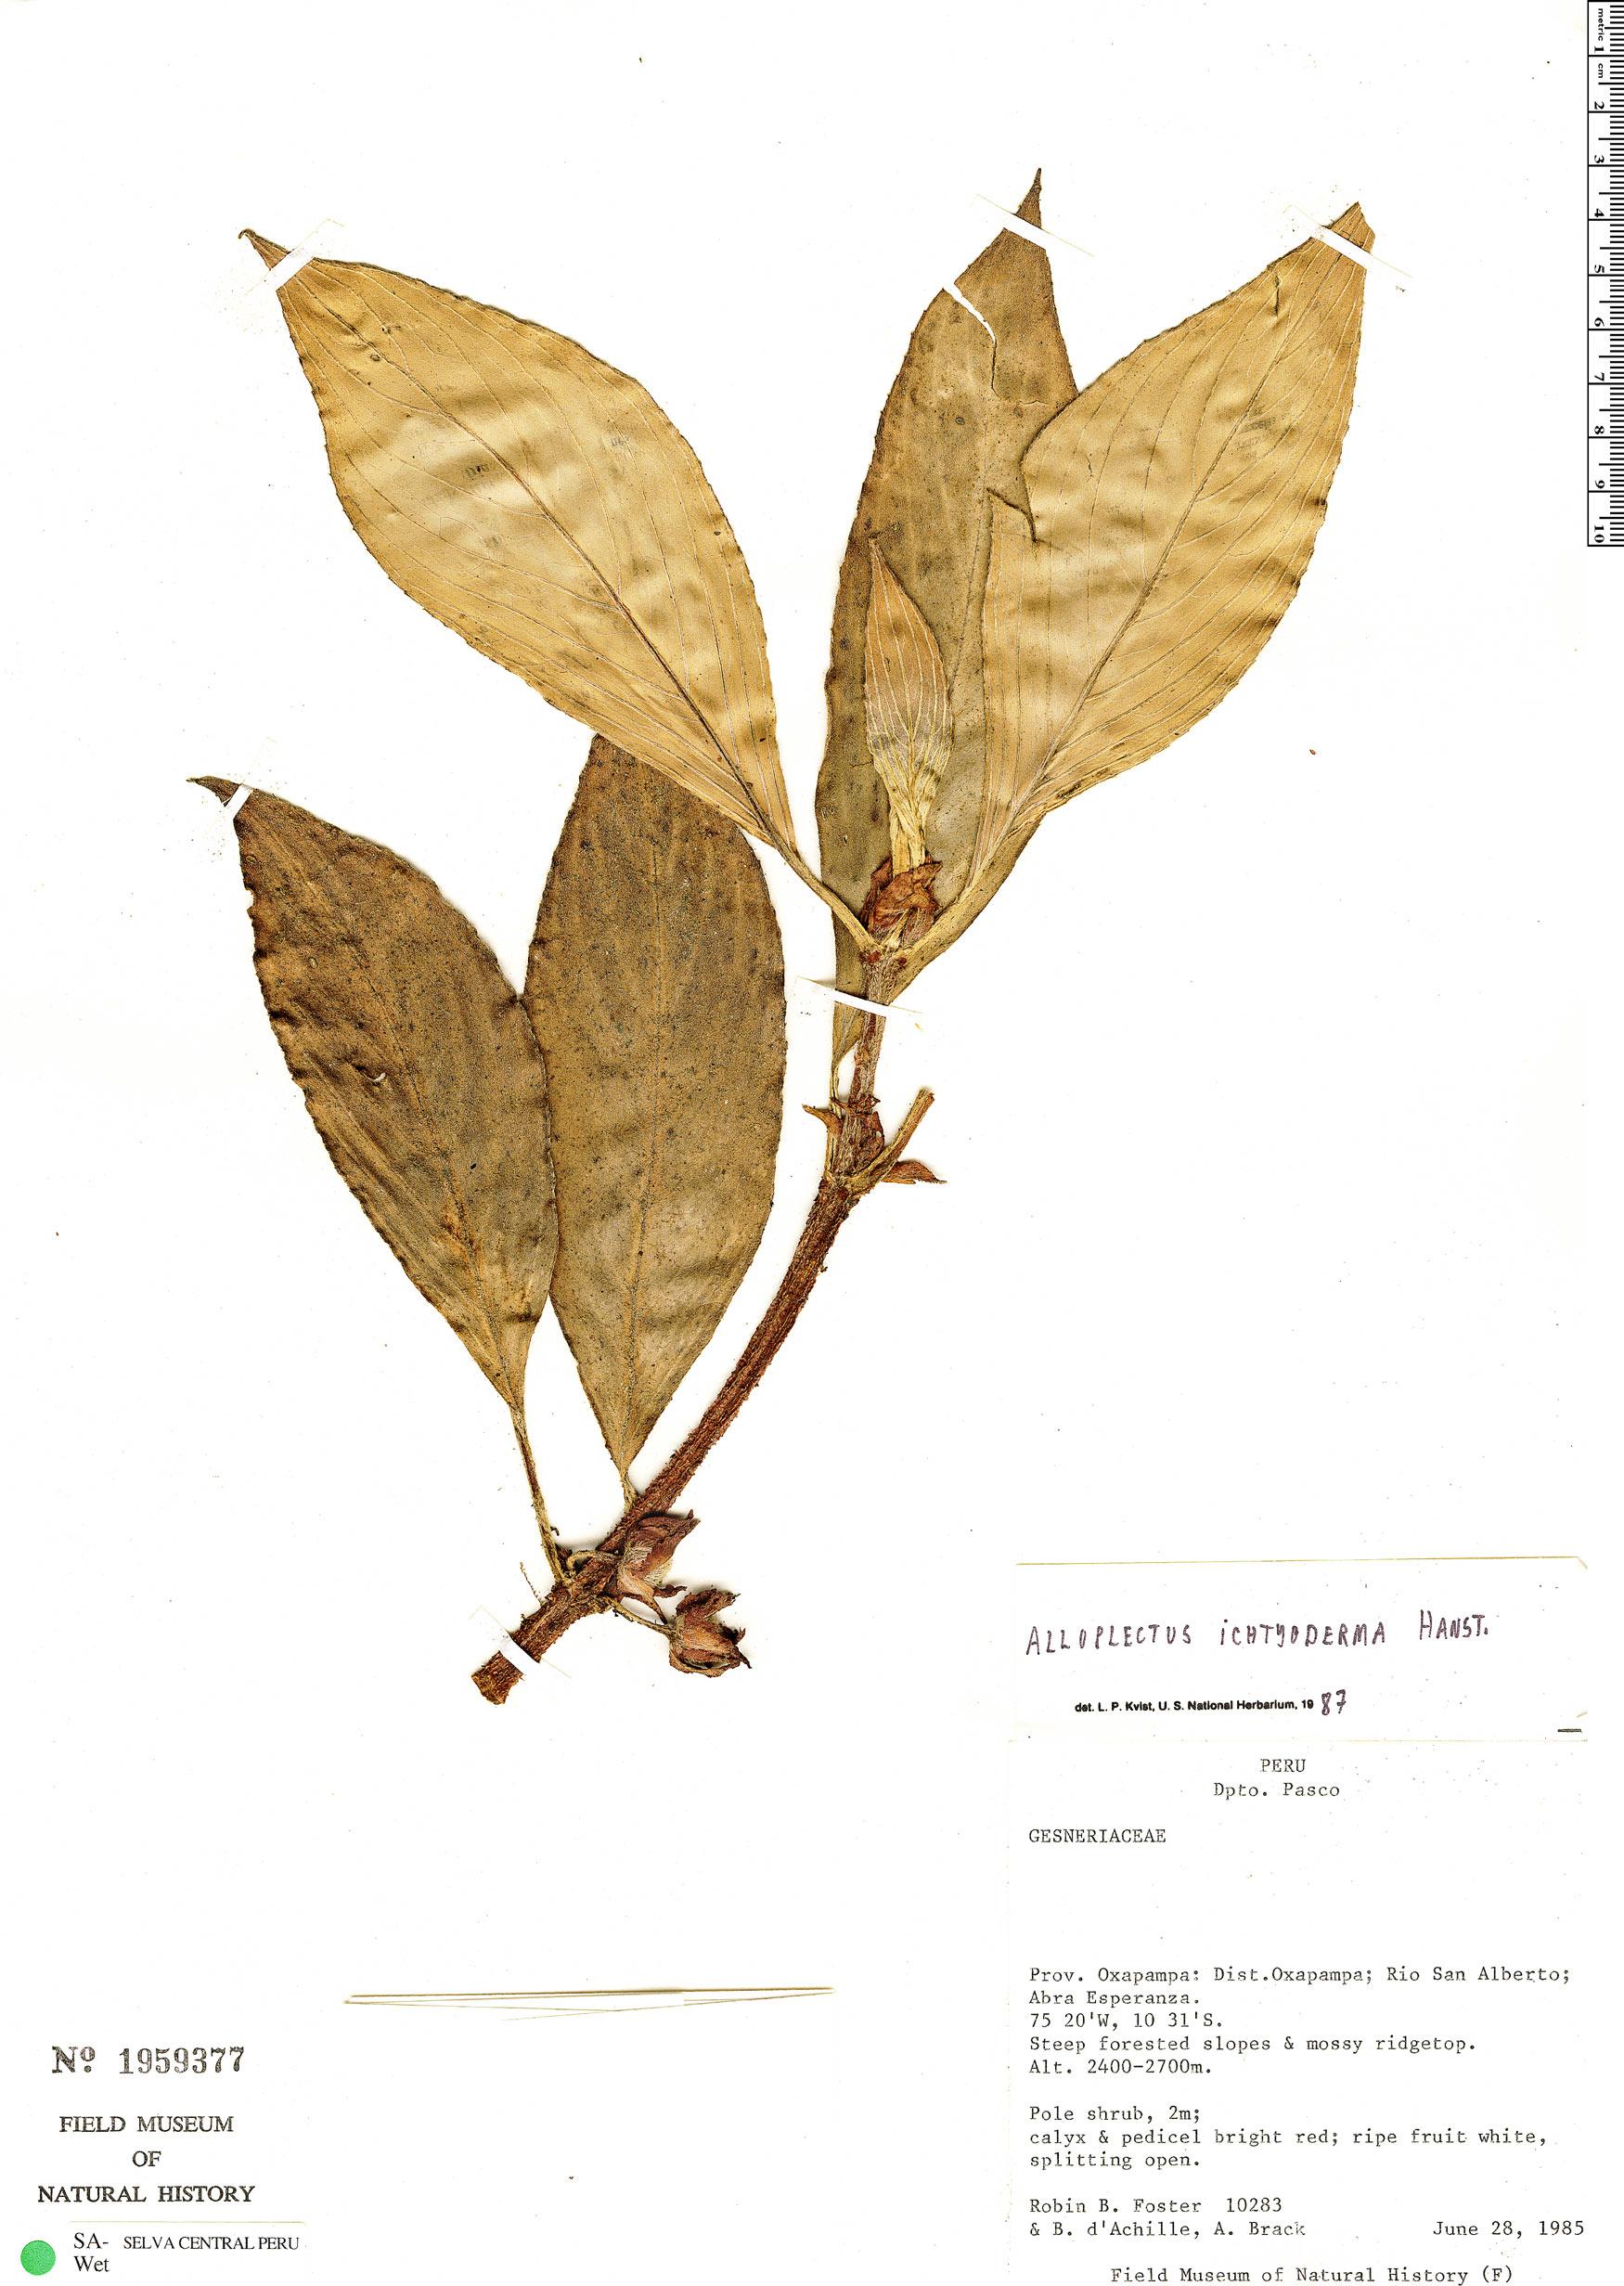 Specimen: Glossoloma ichthyoderma